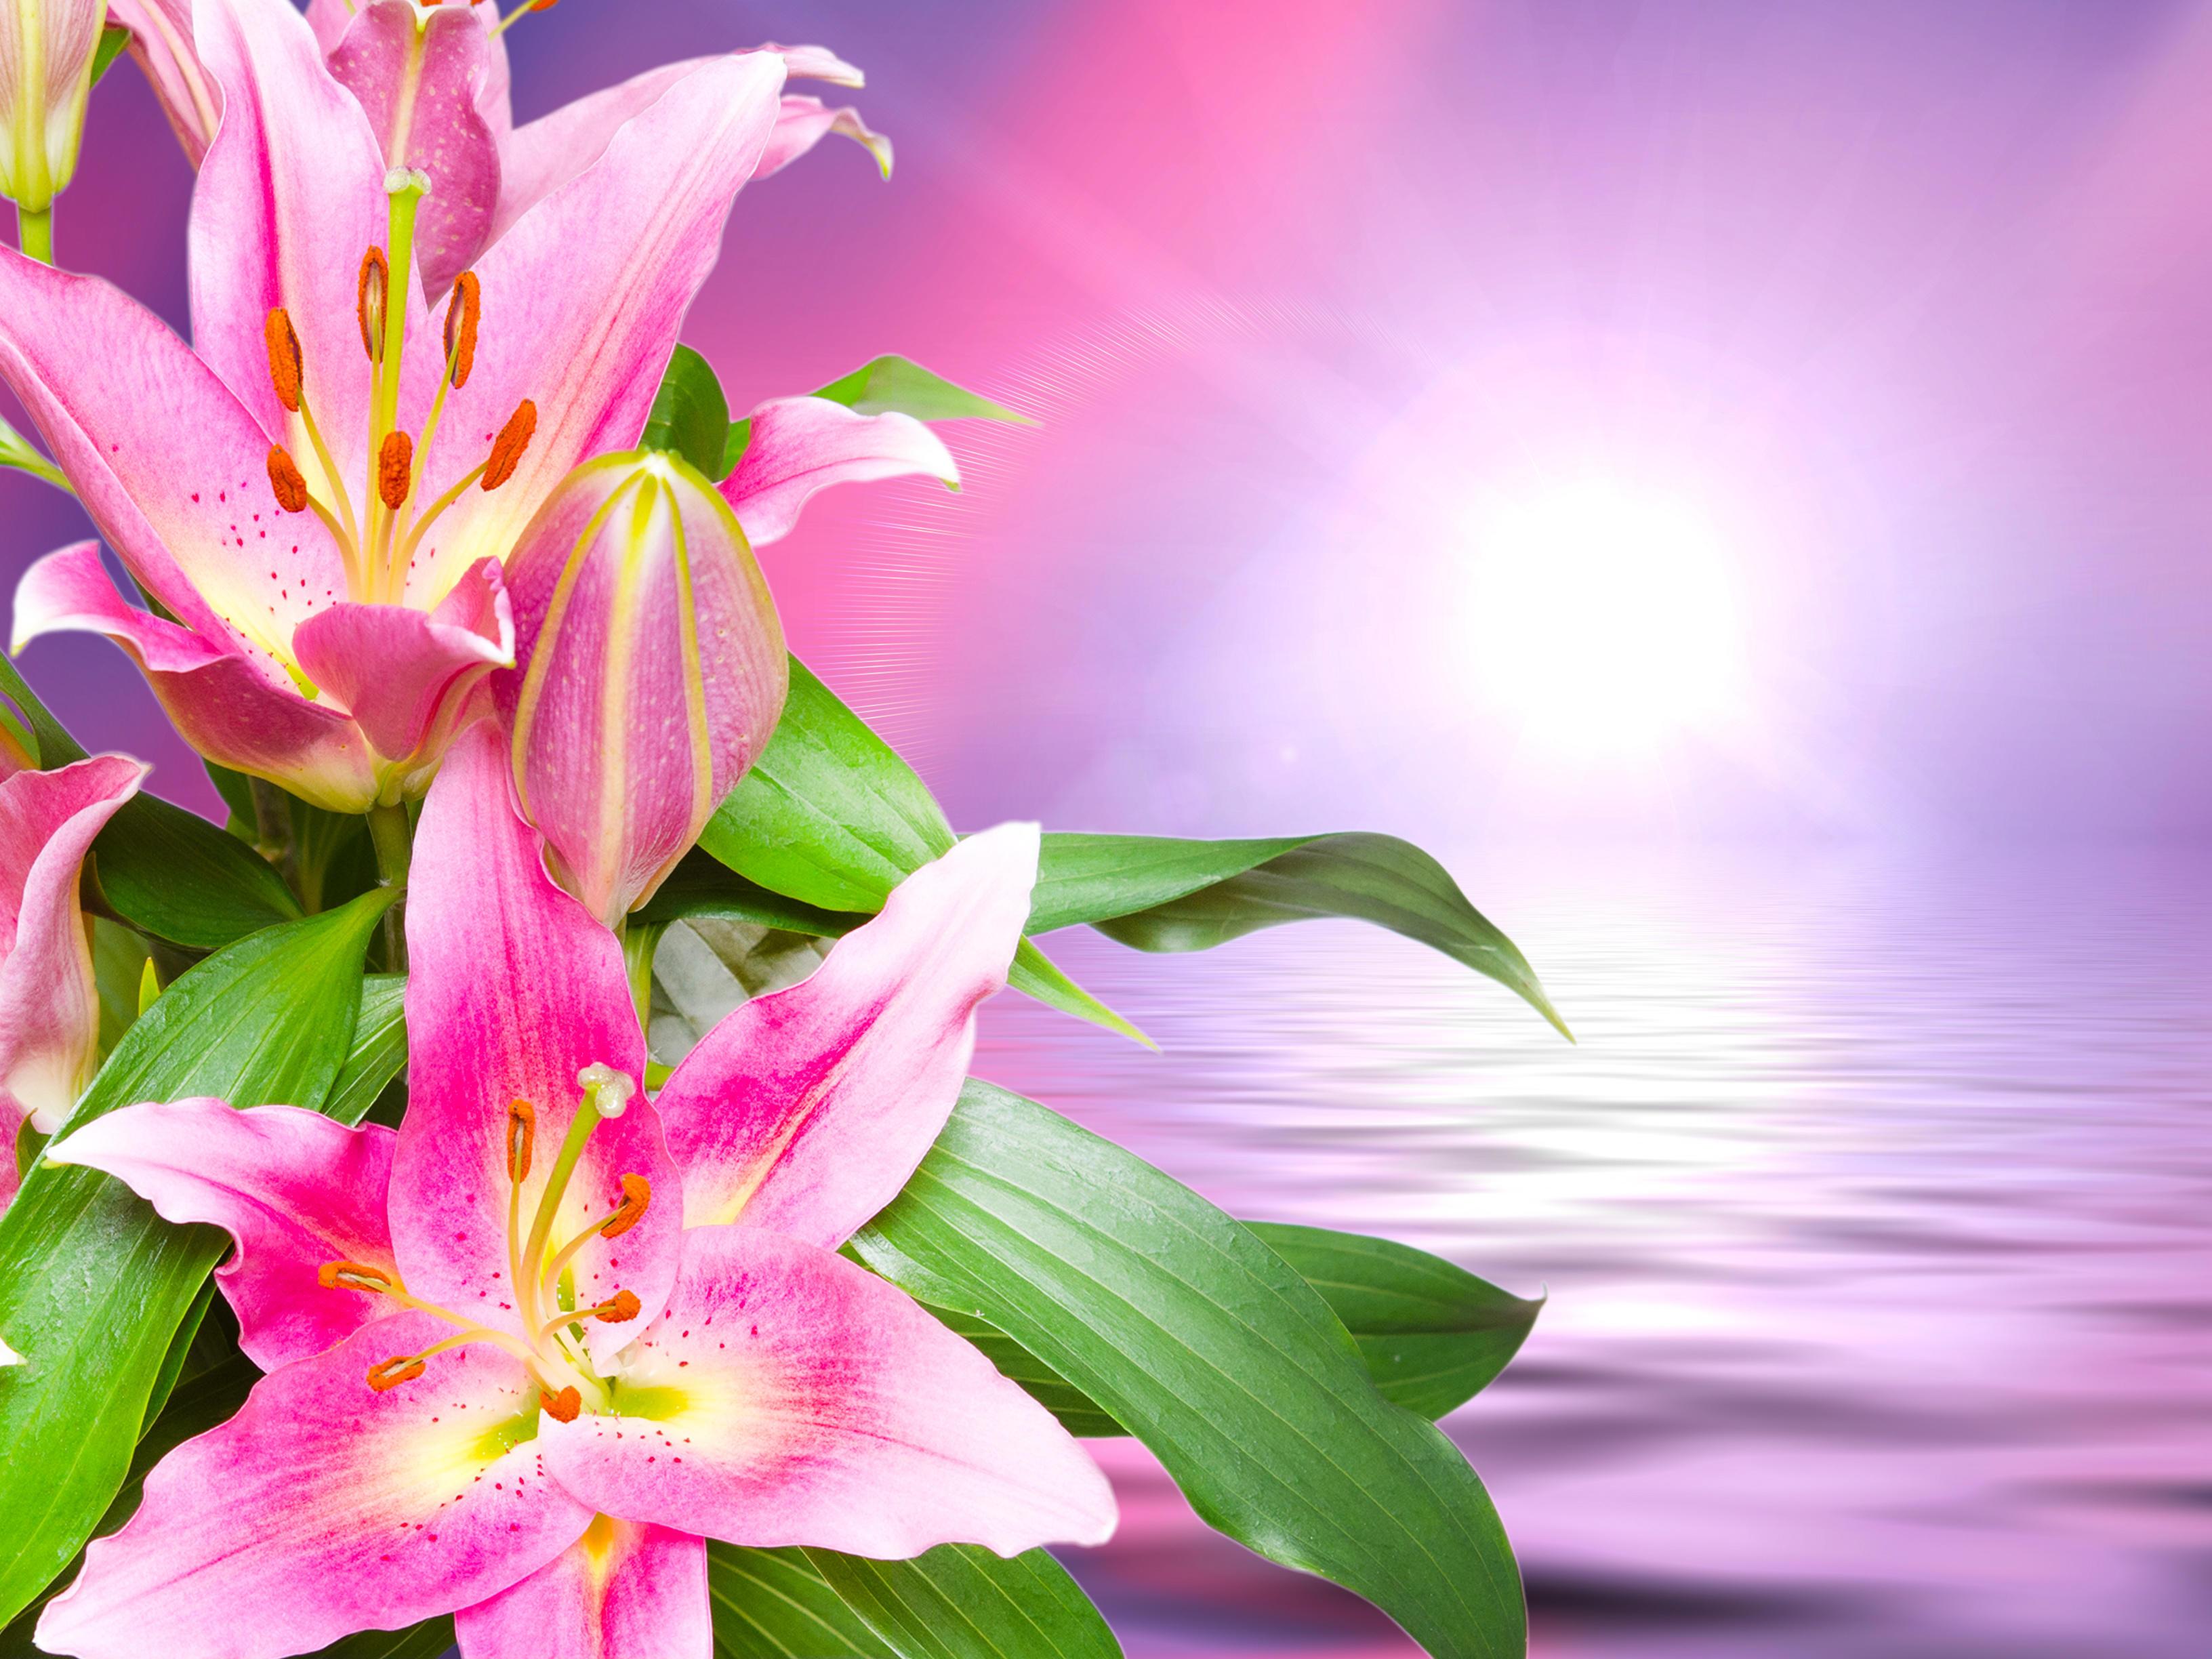 Открытки англии, картинки на телефон цветы лилии